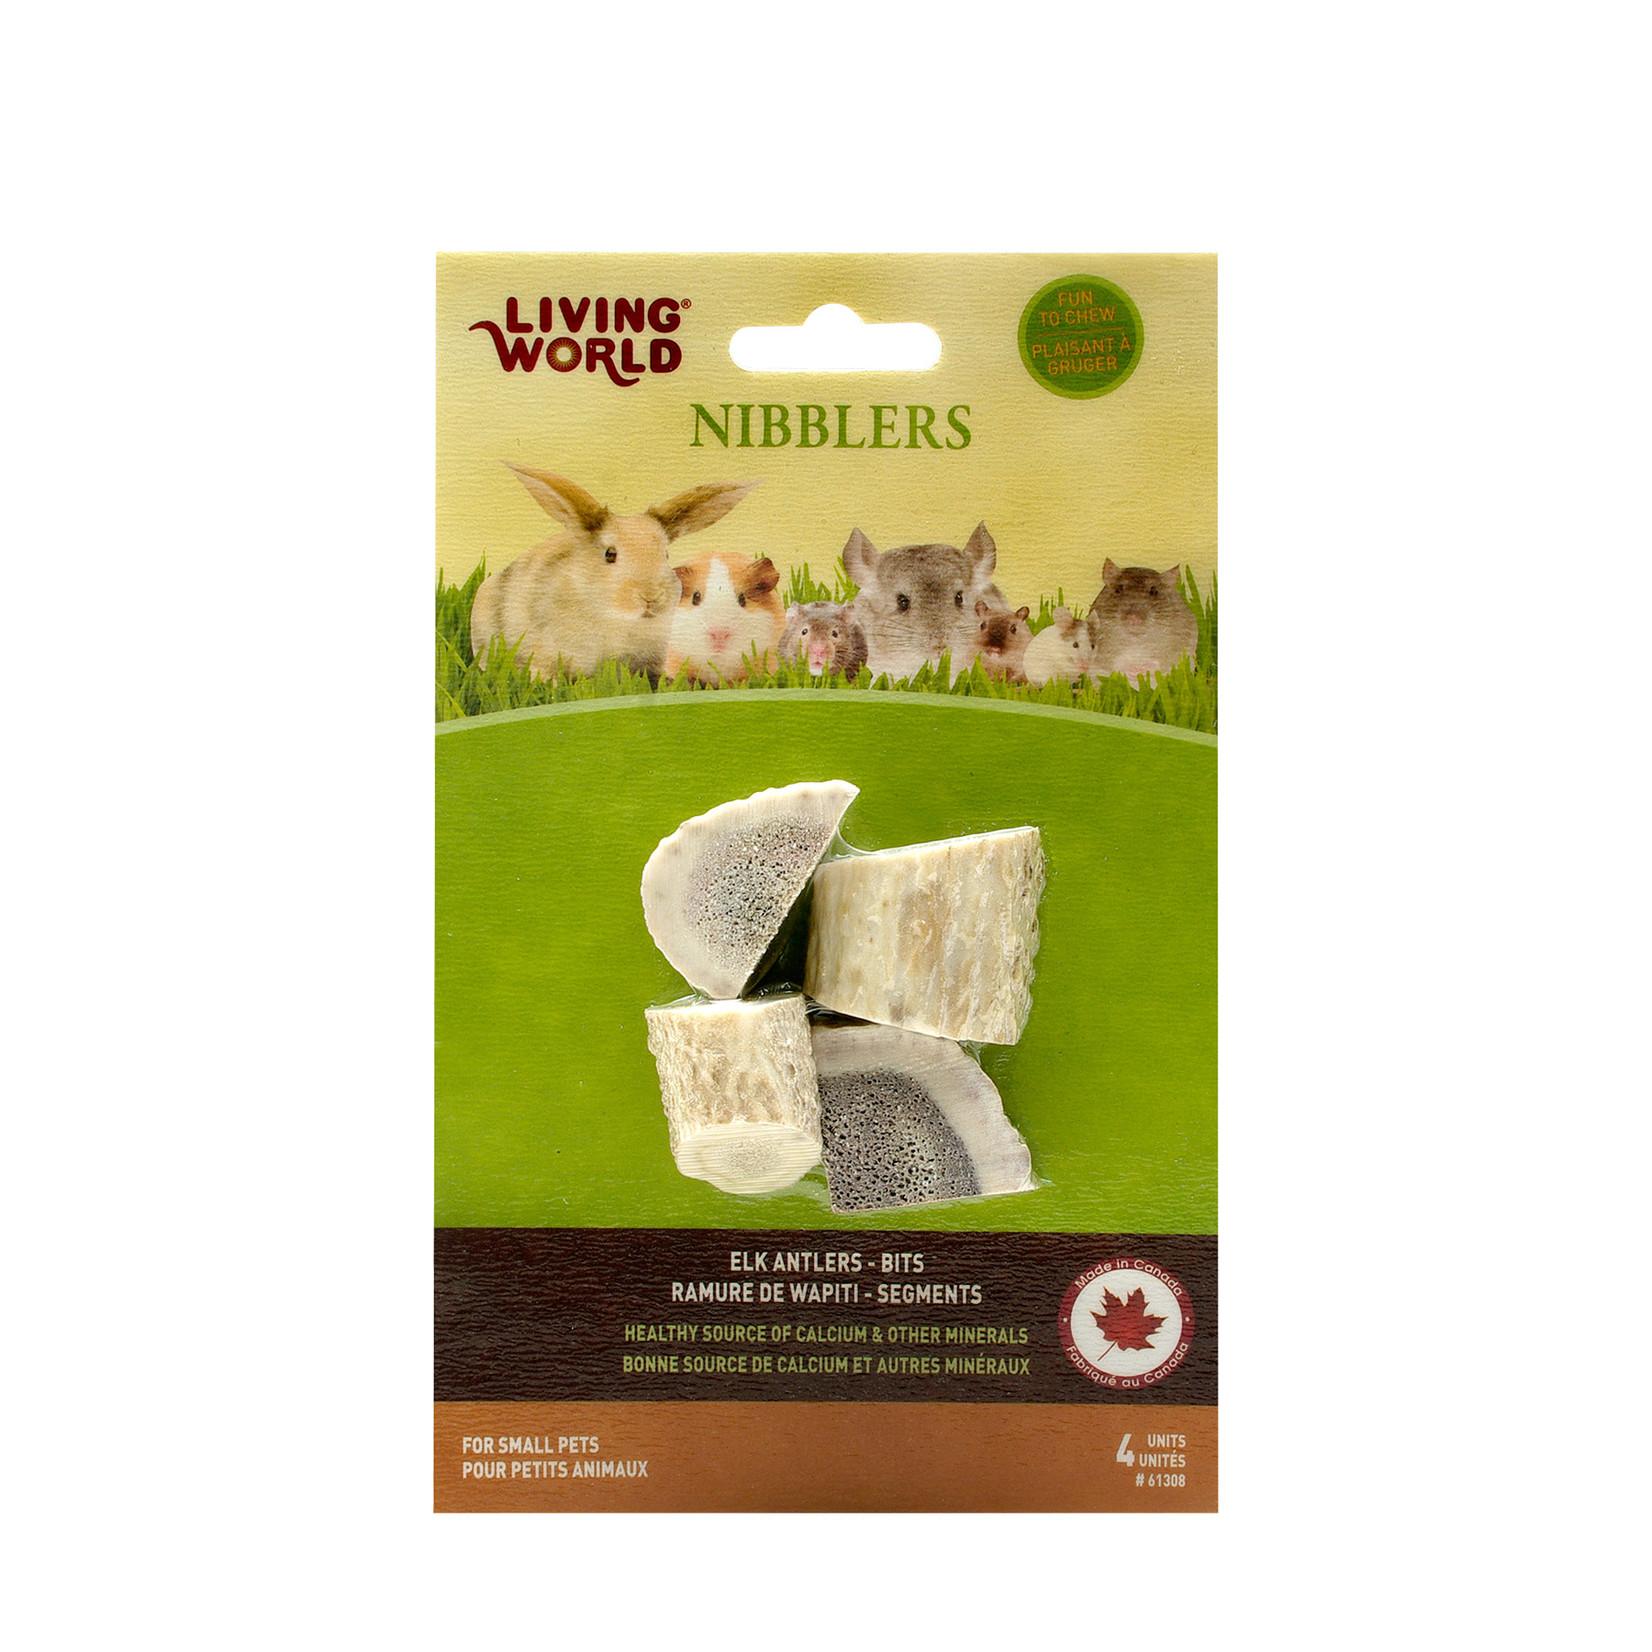 LW Nibblers Elk Antlers Bits 4 Pack 2.5oz